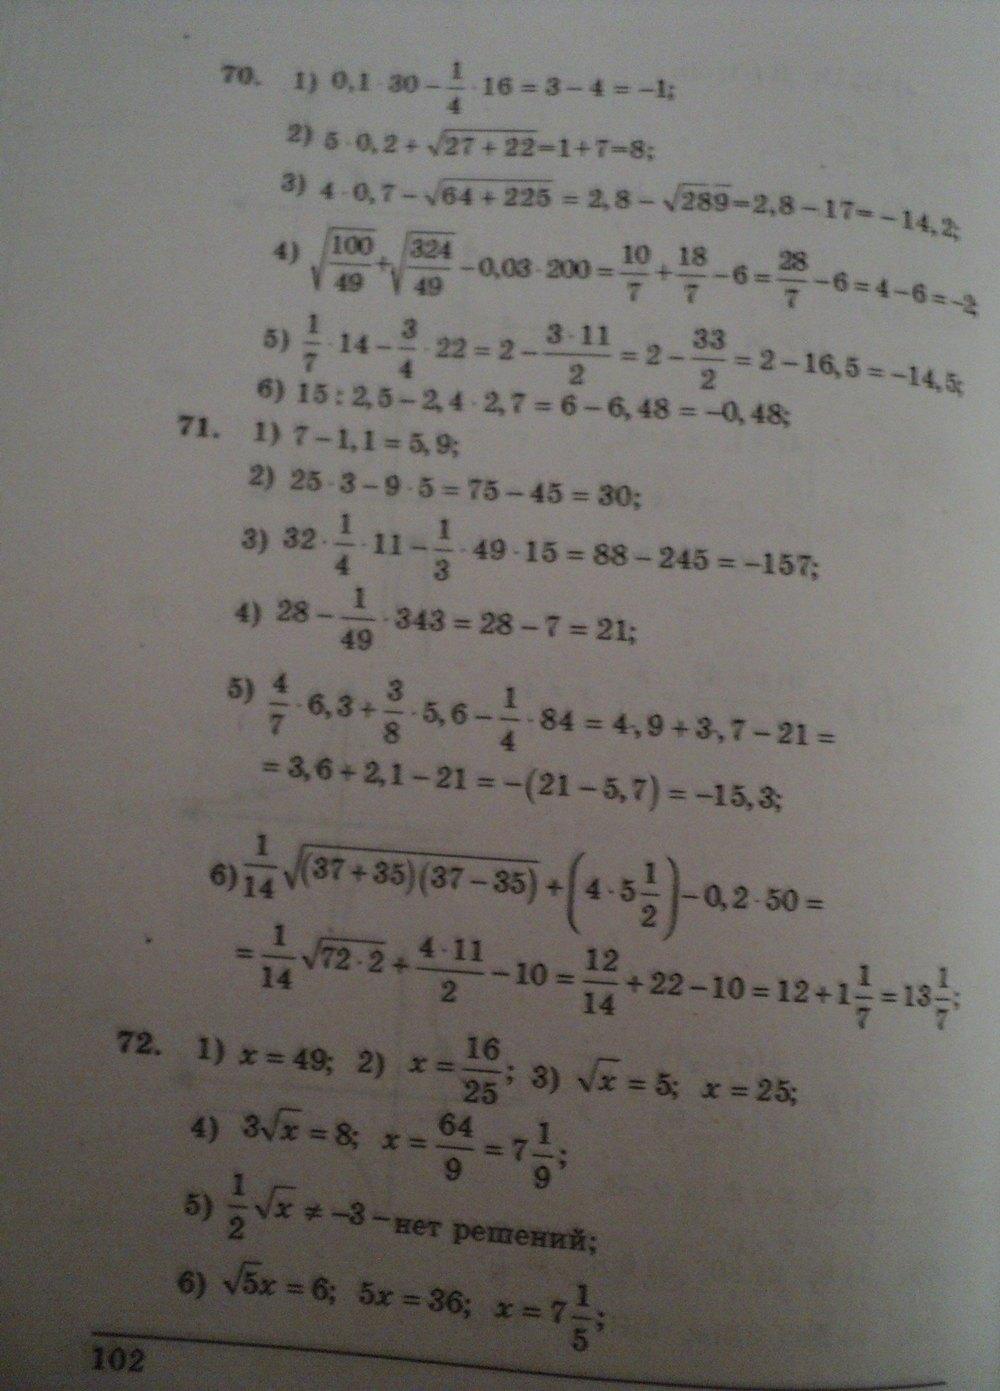 ГДЗ по алгебре 8 класс Щербань П.. Задание: стр. 102